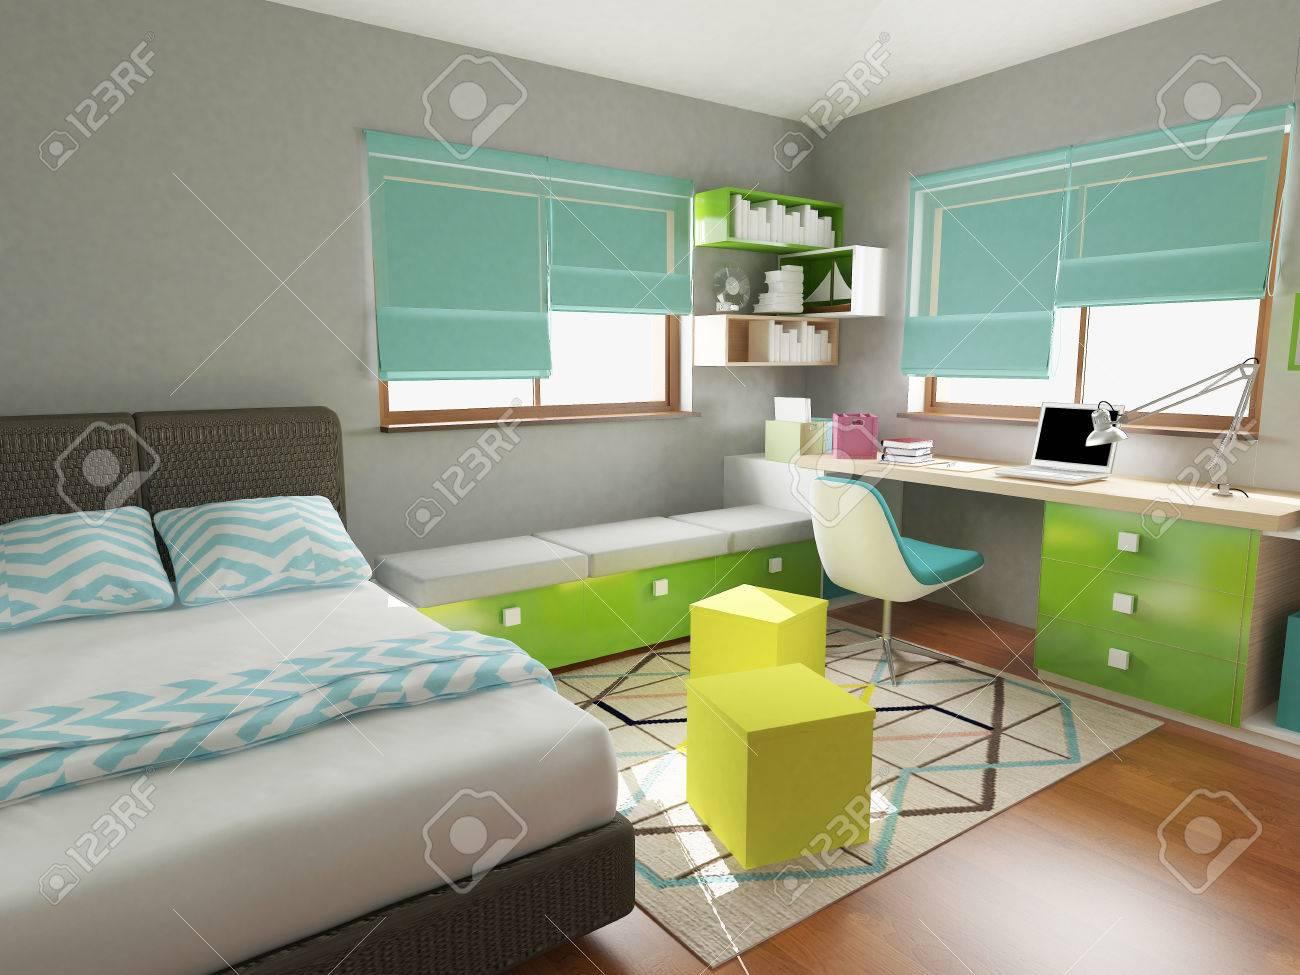 modern colorful children bedroom, 3d render - 43896989